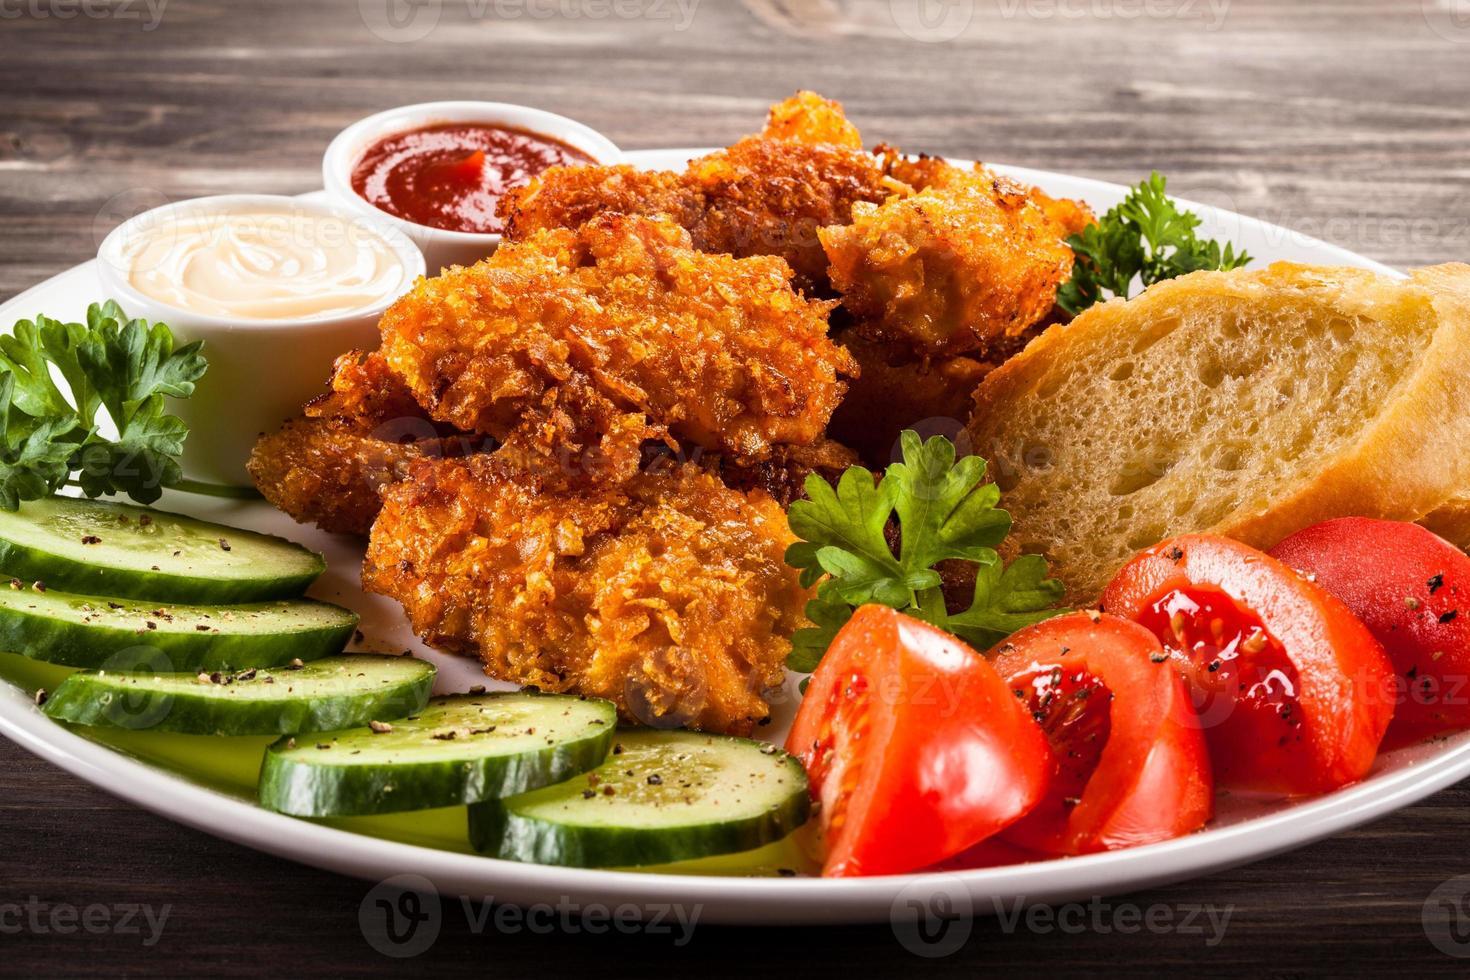 bocconcini di pollo e verdure foto